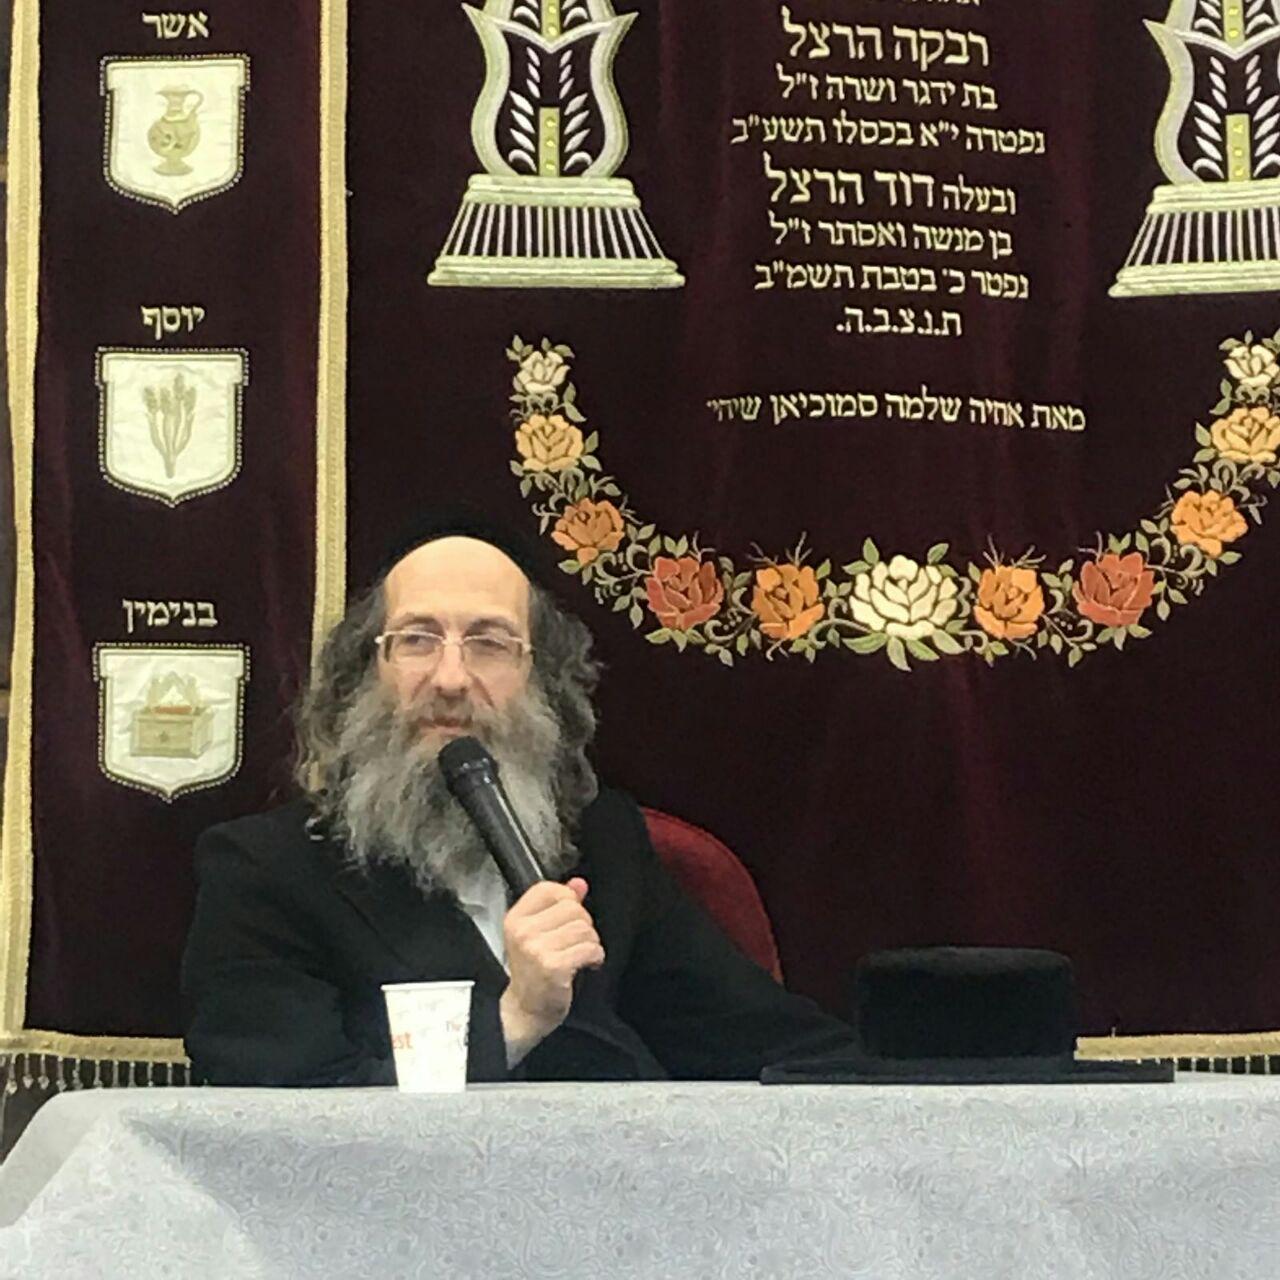 שנתיים לתאונה בגמזו: כינוס חיזוק בתל אביב